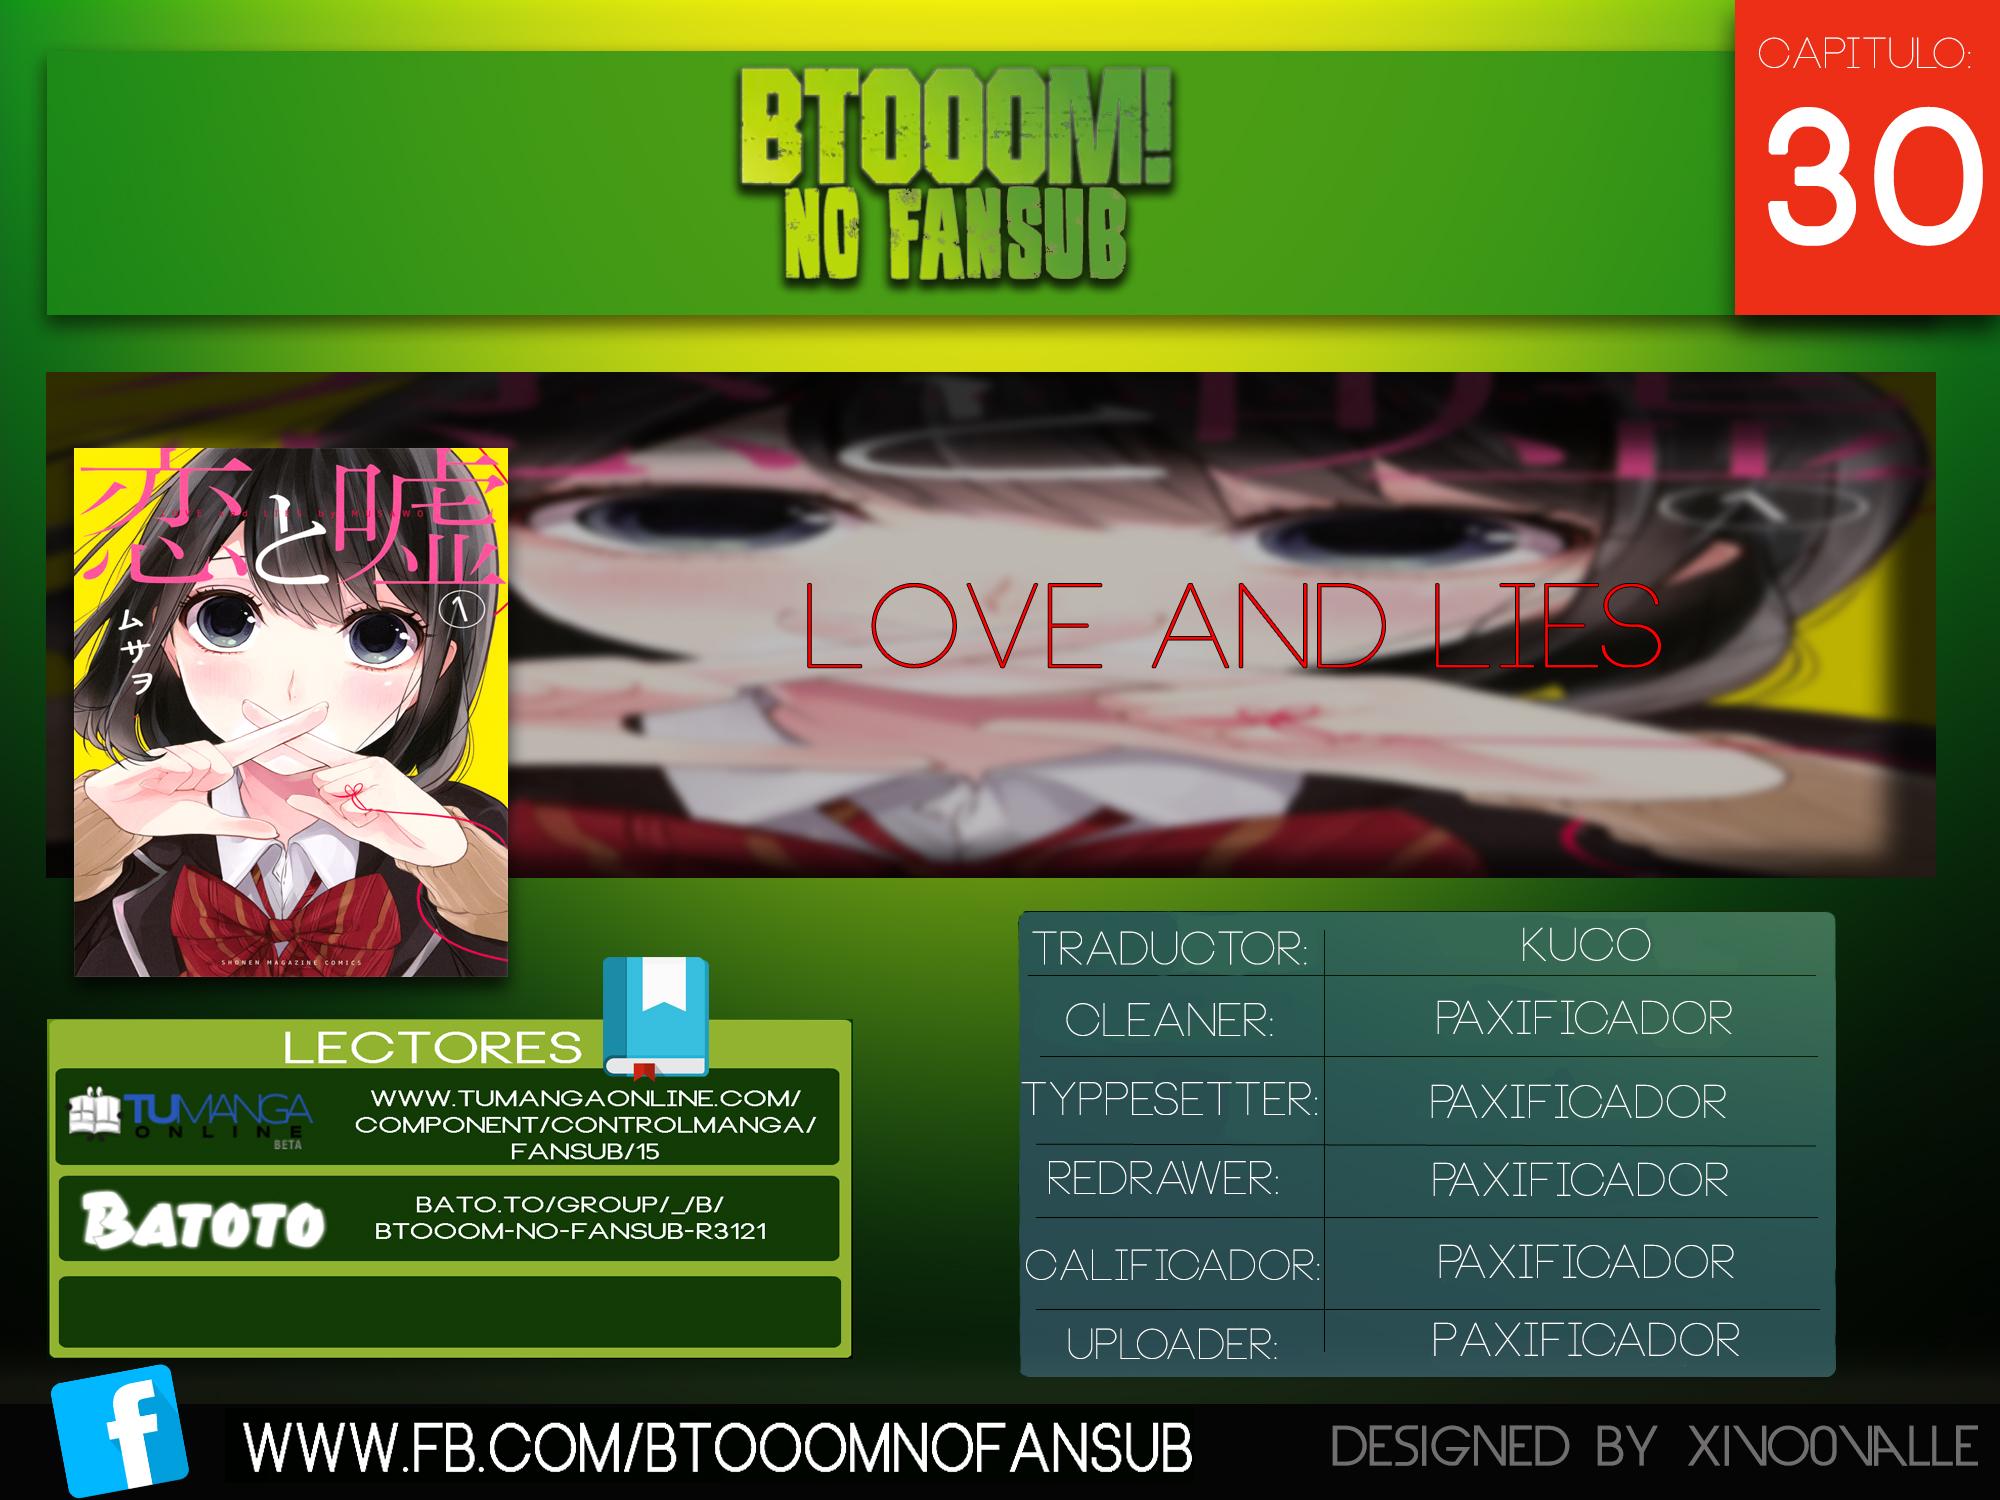 http://c5.ninemanga.com/es_manga/14/14734/361011/0777cc60a4499e58480ef74aa304c332.jpg Page 1